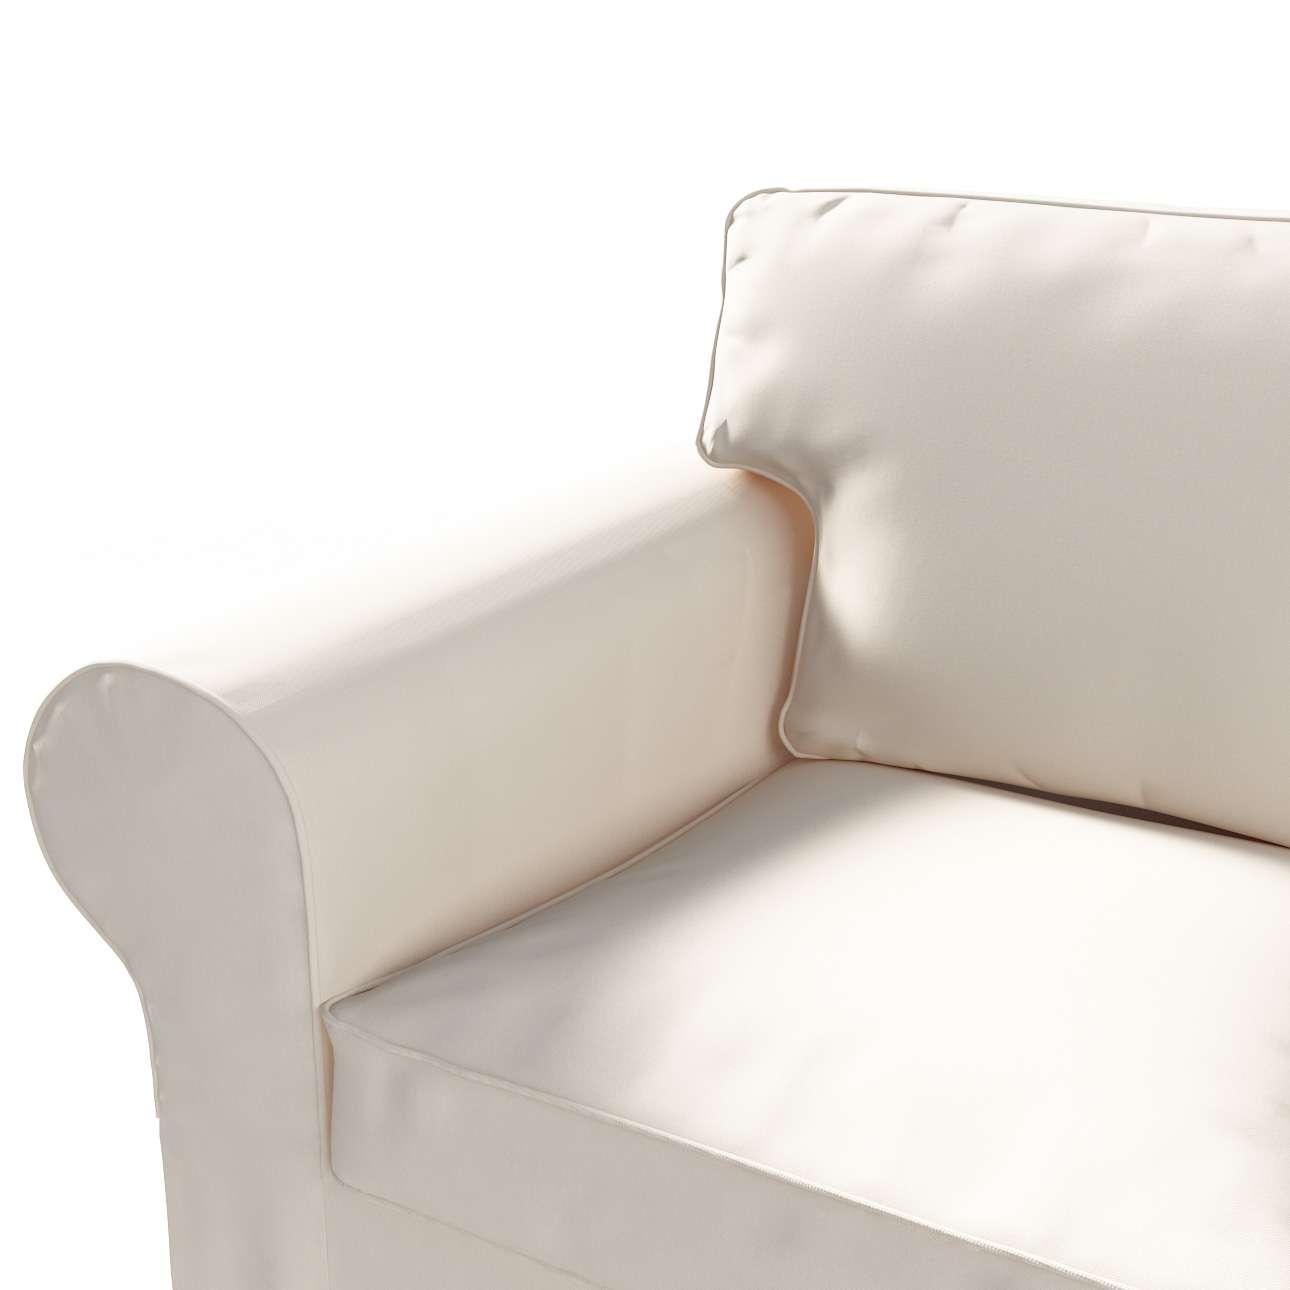 Pokrowiec na sofę Ektorp 3-osobową, rozkładaną NOWY MODEL 2013 Ektorp 3-os rozkładany nowy model 2013 w kolekcji Etna , tkanina: 705-01